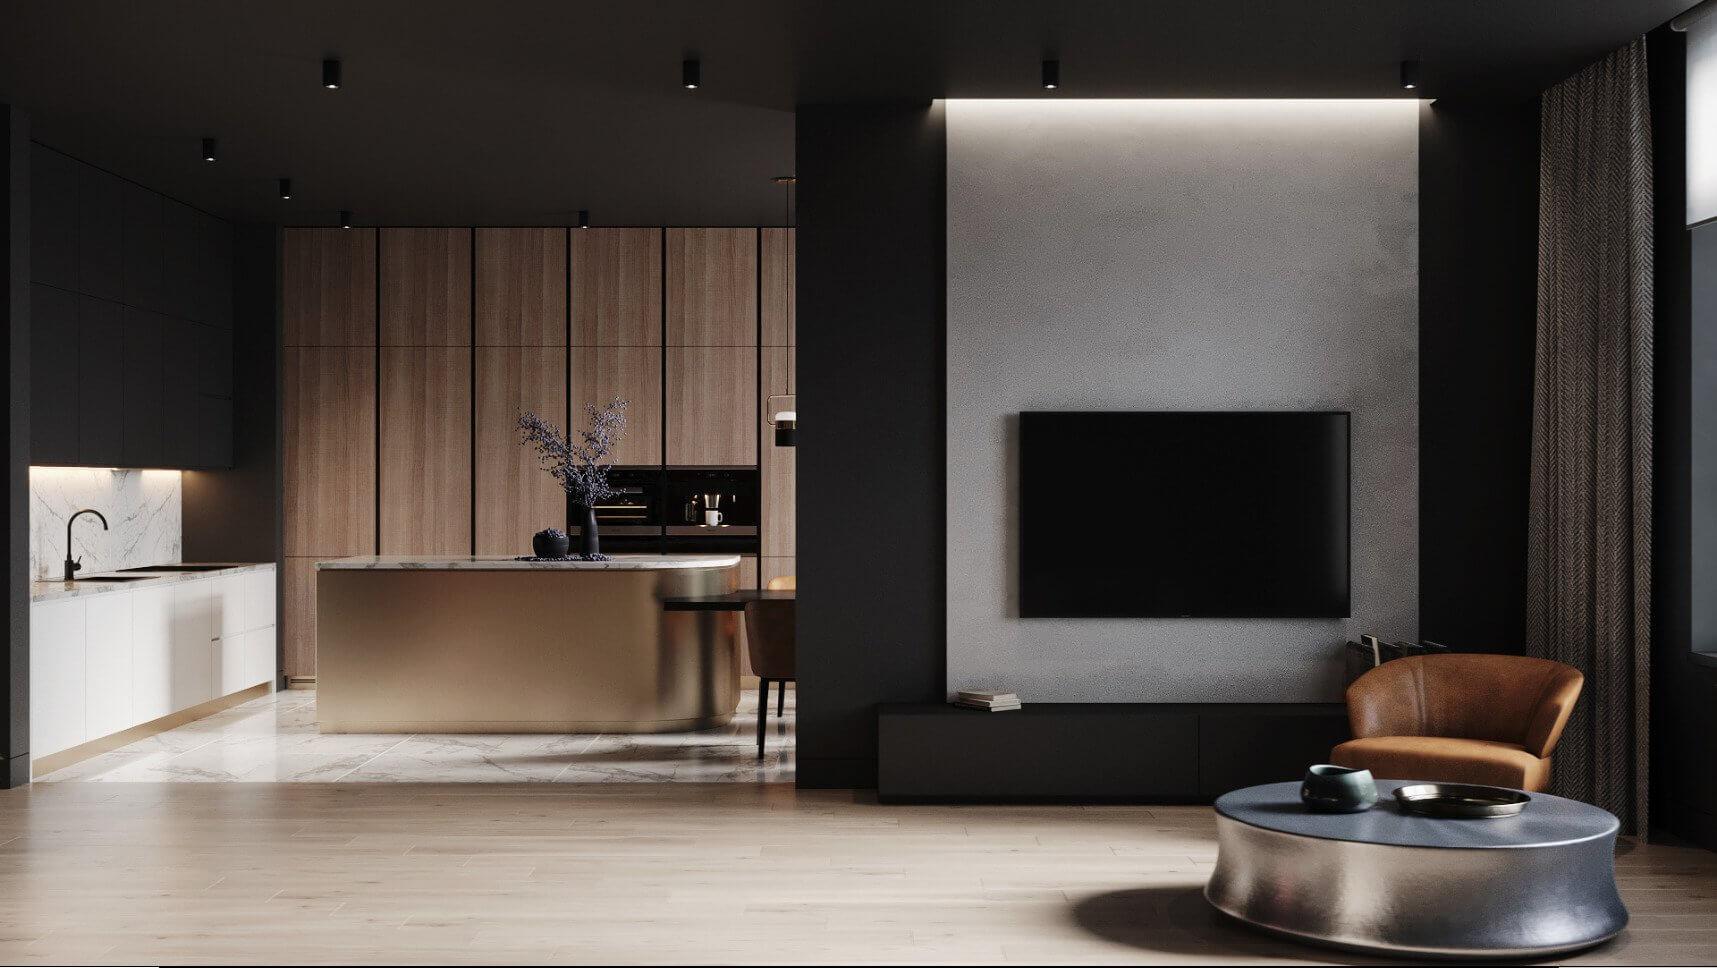 Dark penthouse design with brass kitchen design - cgi visualization 8